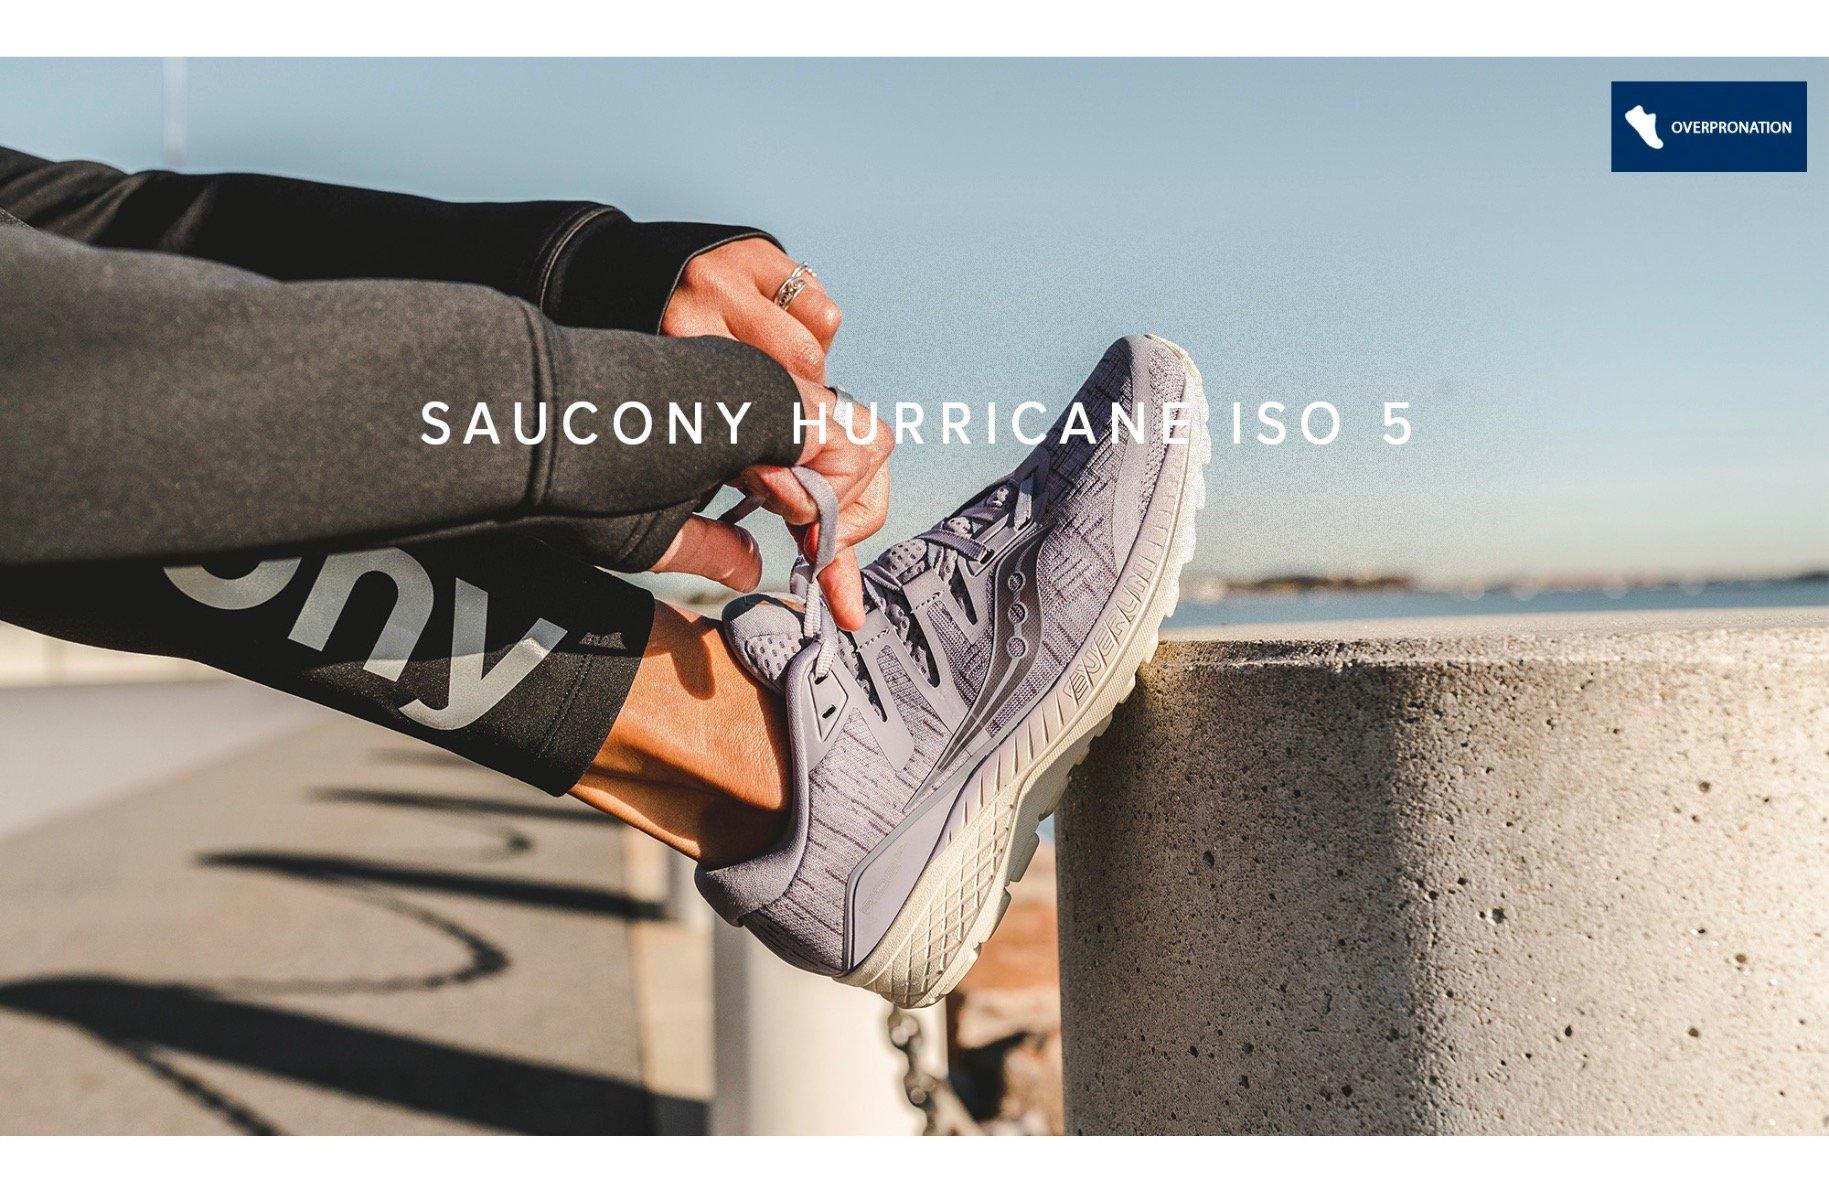 Saucony Hurricane løbesko kaiser sport og ortopædi